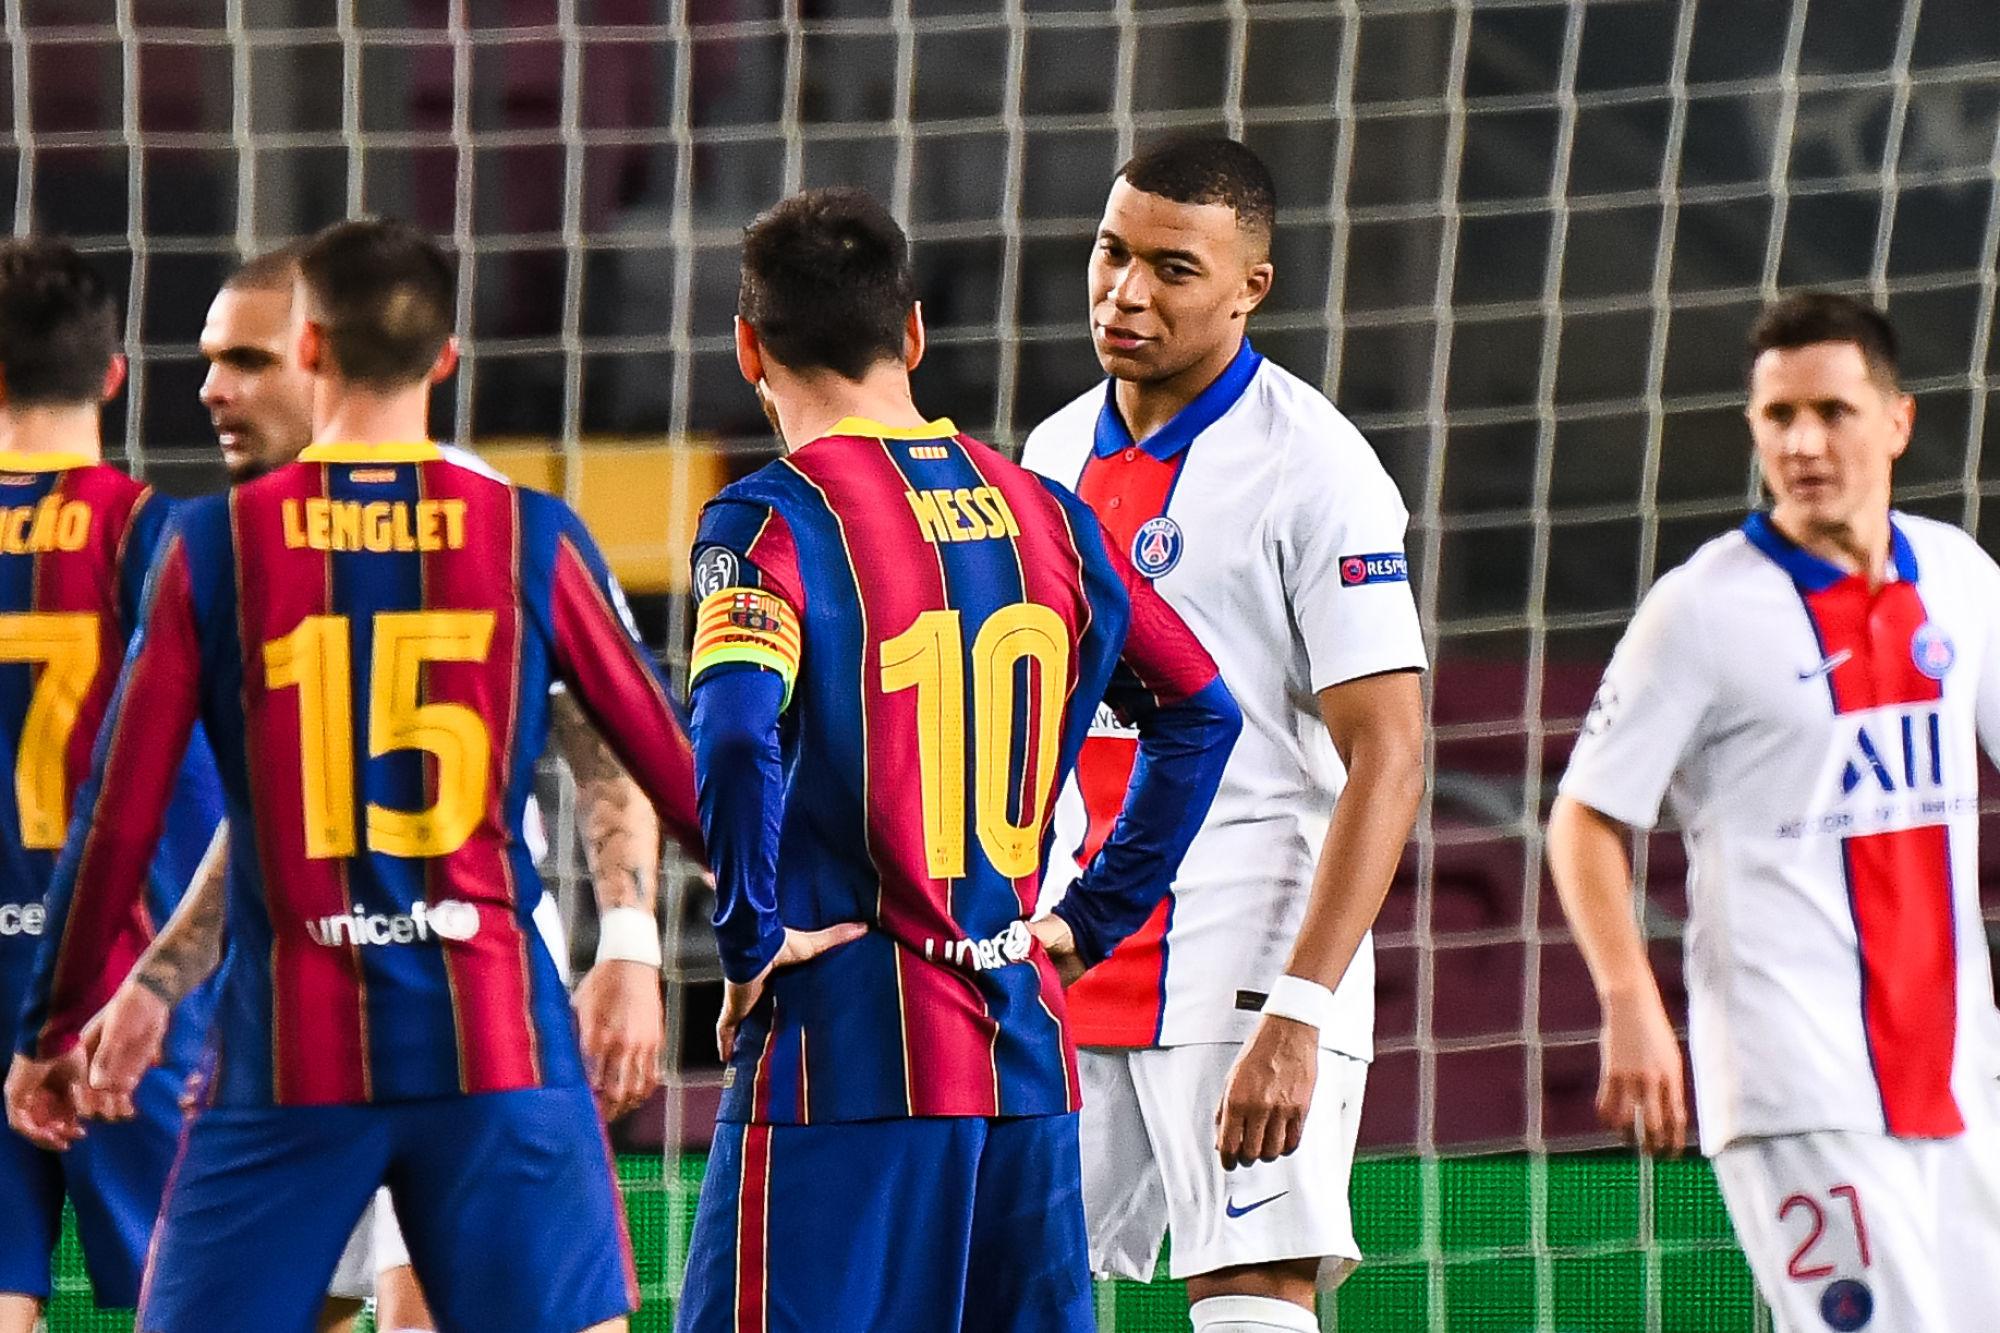 """Mercato - Le PSG a """"pris la tête"""" dans le dossier Messi, selon Bechler"""